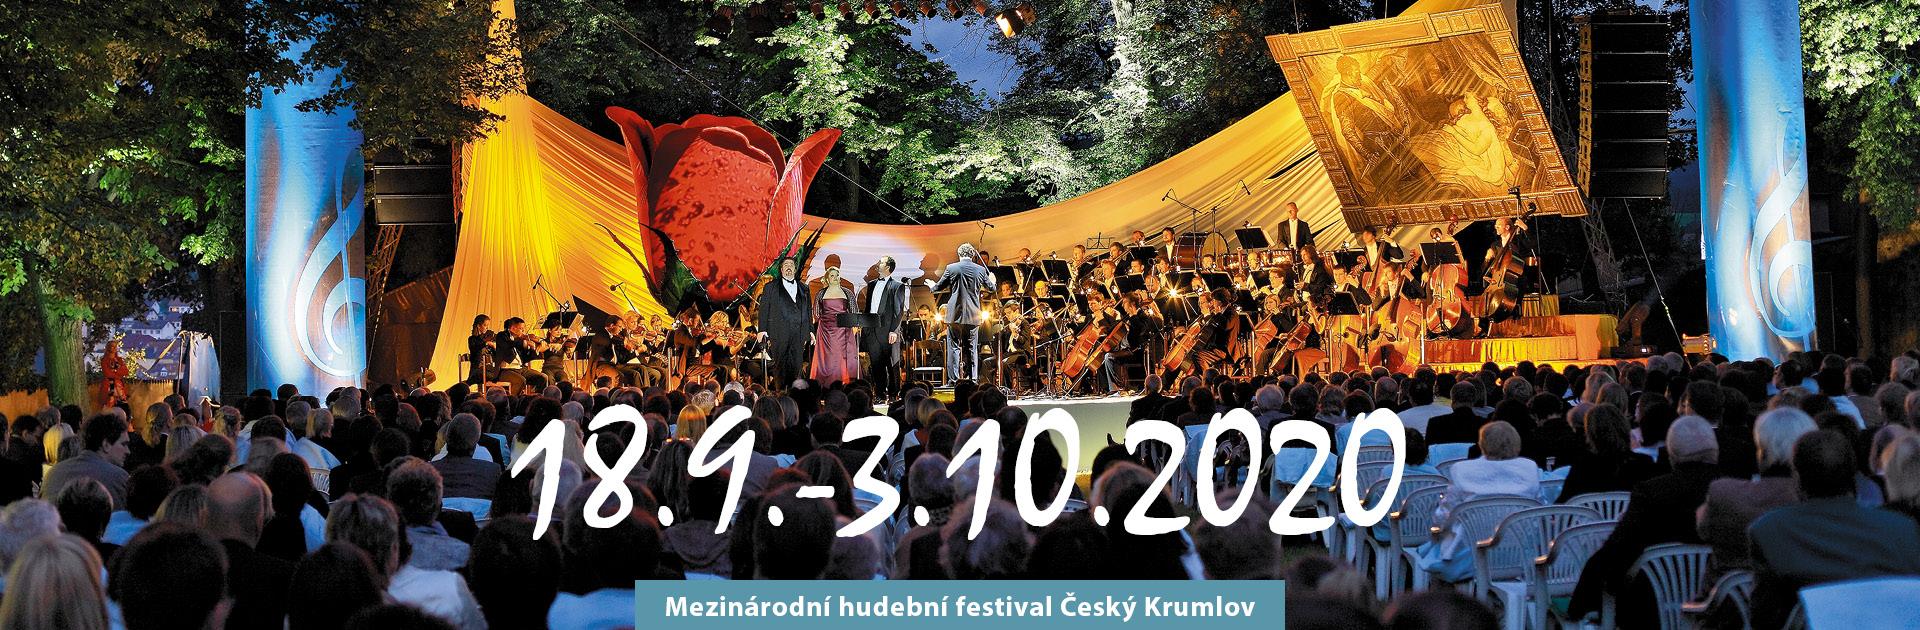 International Music Festival Český Krumlov, source: Libor Sváček archiv Vydavatelství MCU